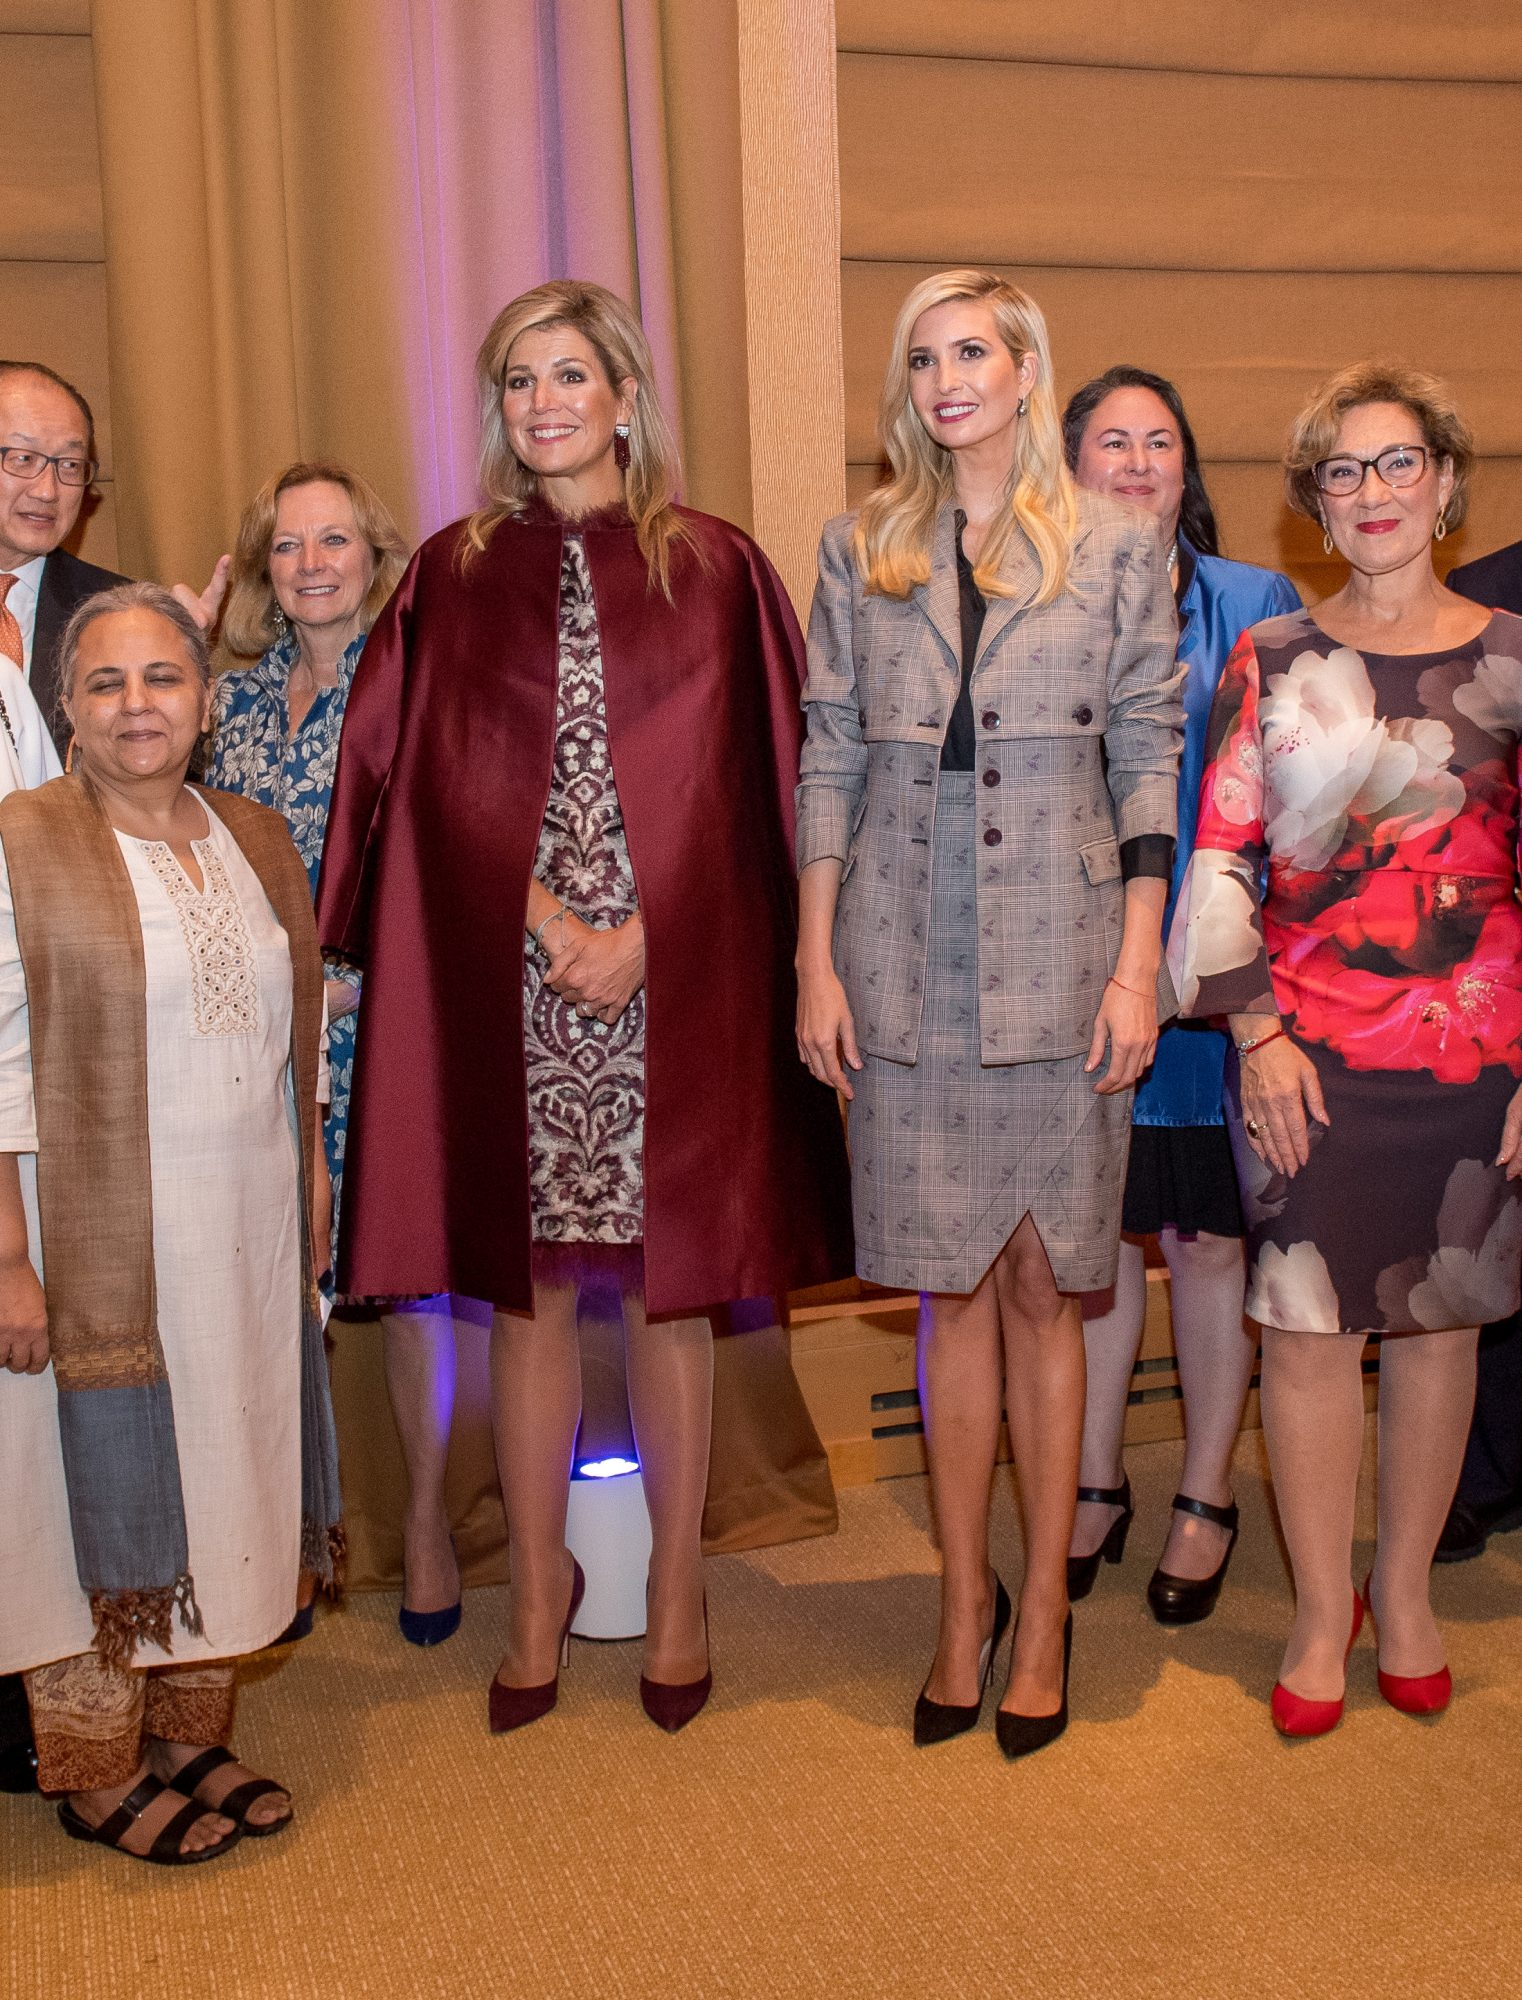 Ivanka Trump, Maxima Zorreguieta